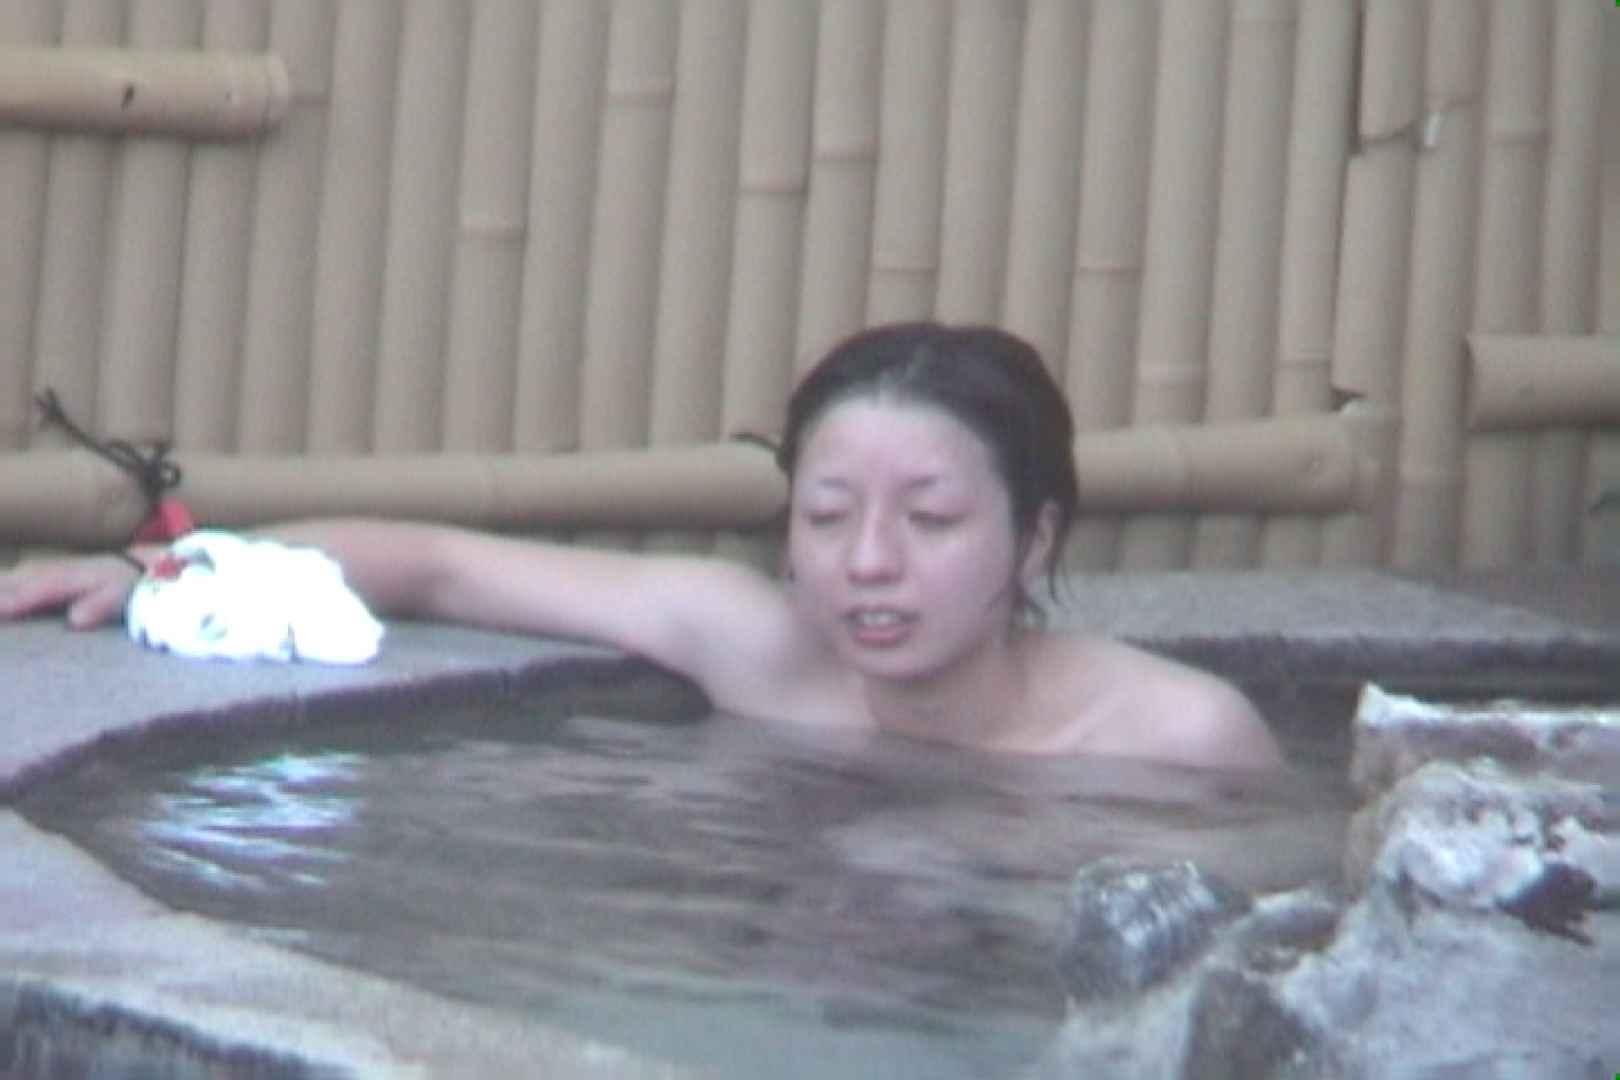 Aquaな露天風呂Vol.608 露天風呂  69連発 21